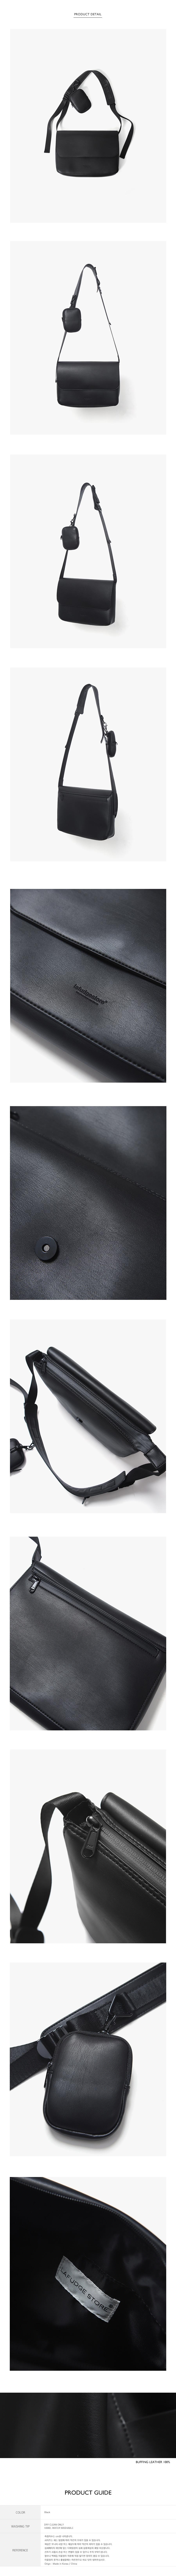 라퍼지스토어(LAFUDGESTORE) 버핑레더 유틸리티 플랩 미니 크로스백_Black